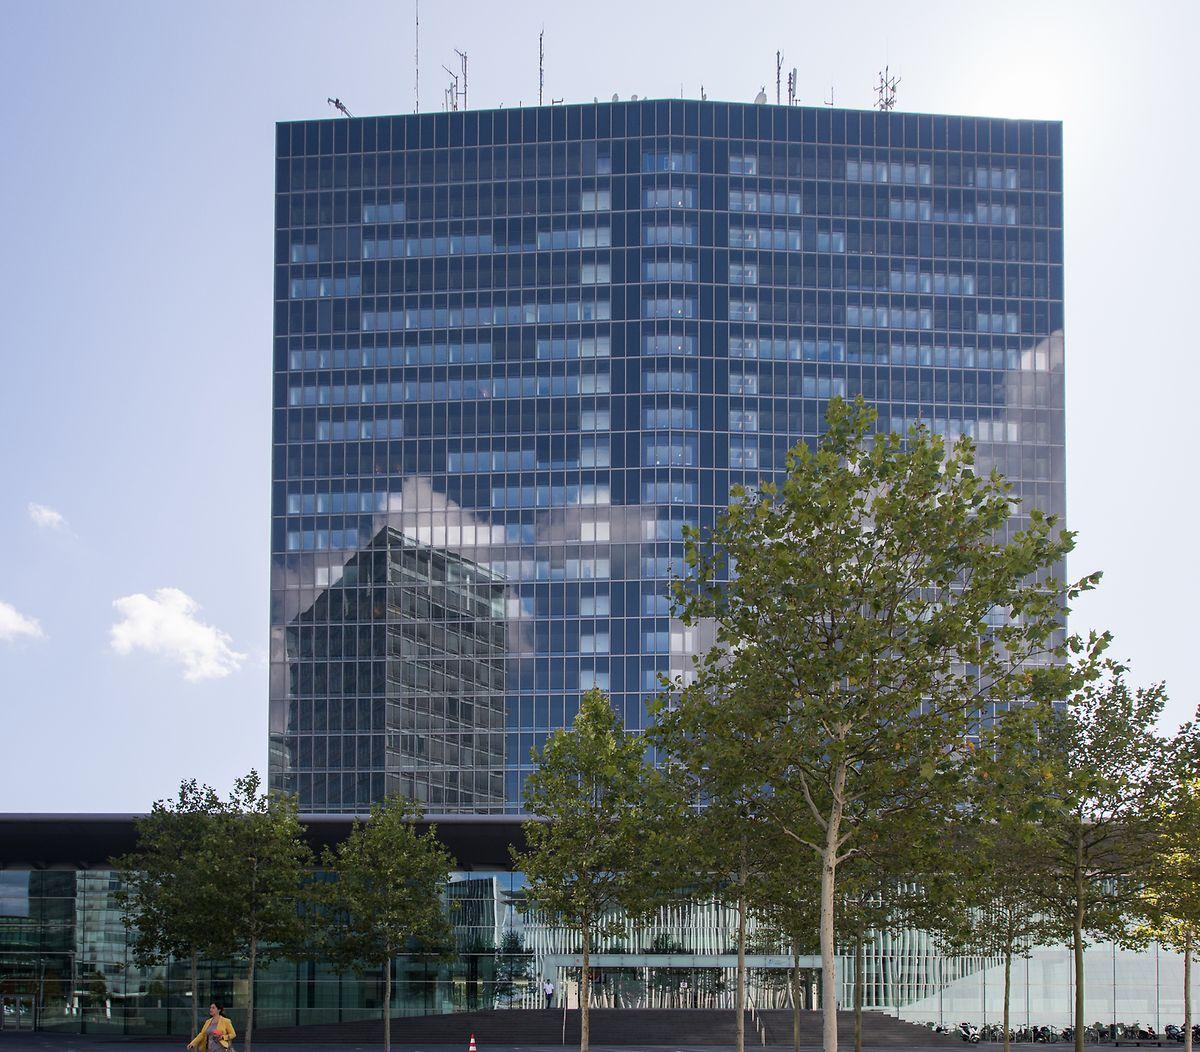 La hauteur du bâtiment n'a pas changé au fil des ans. Aujourd'hui, la galerie du European Convention Center Luxembourg se trouve au pied du gratte-ciel de 23 étages.